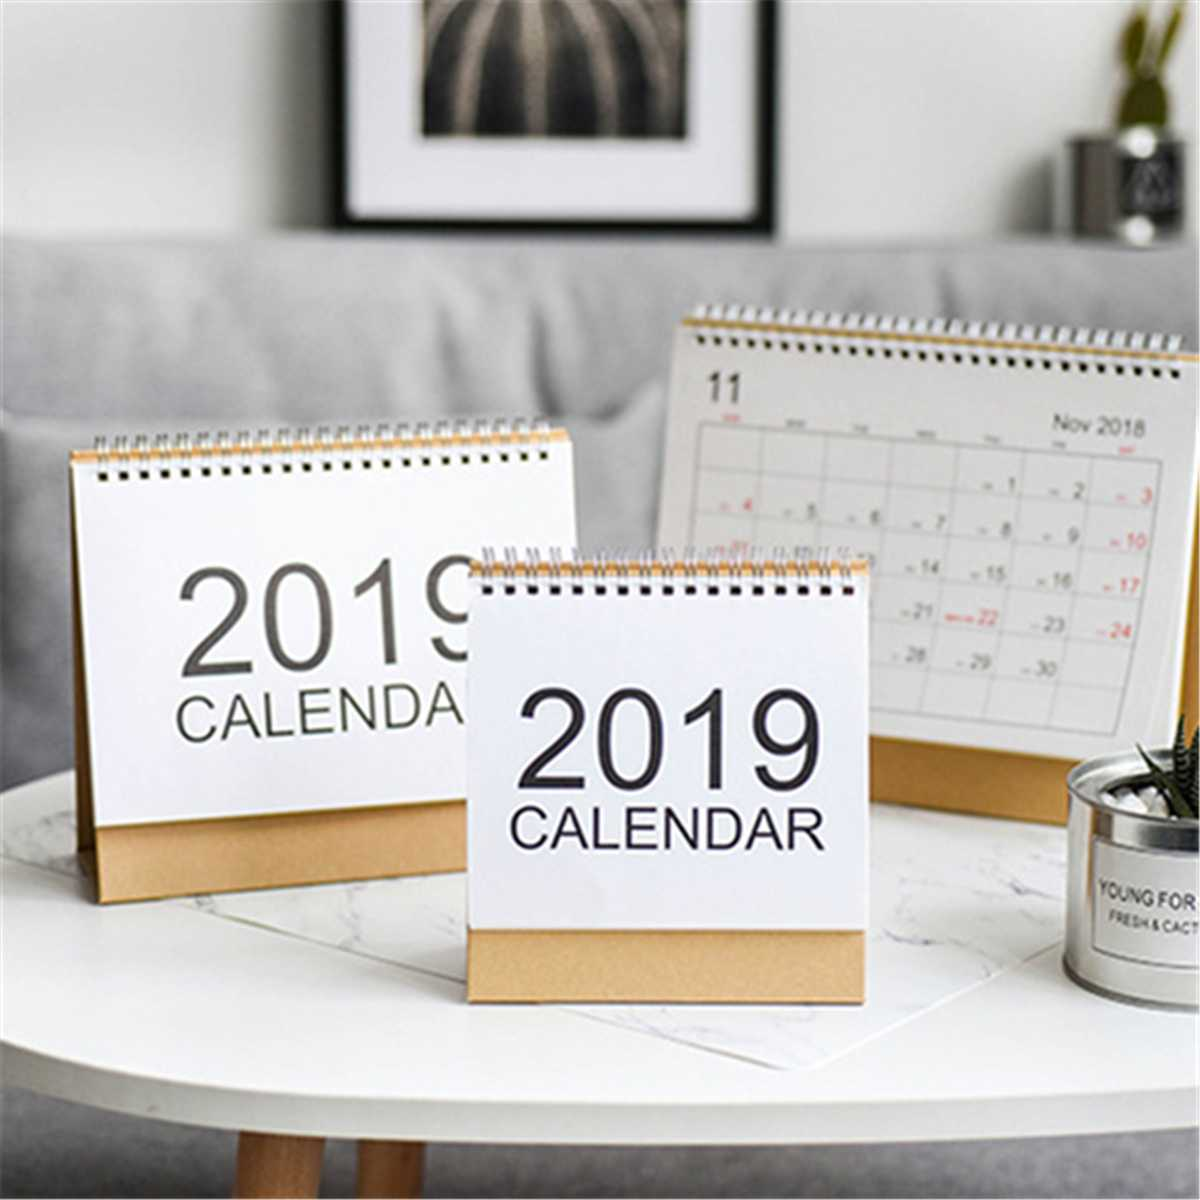 Kalender, Planer Und Karten Kicute 2018 Jahr Schwarz Weiß Stil Luminous Kalender Schreibtisch Stehenden Papier Multifunktions Organizer Schedule Planer Memo Kalender